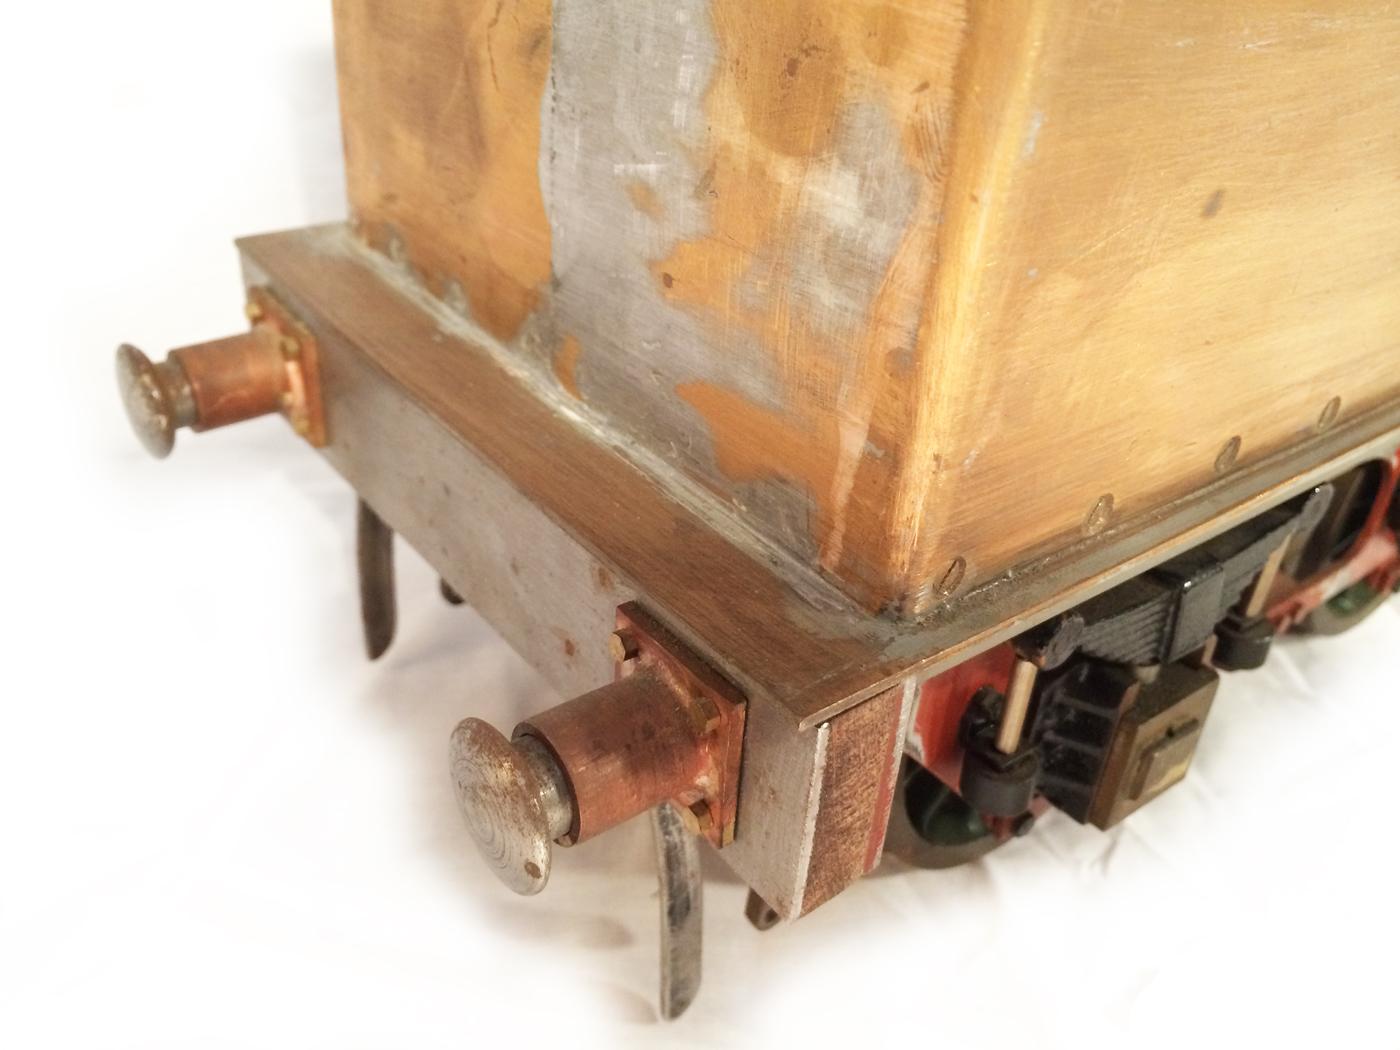 test 3 12 inch gauge stirling single live steam locomotive for sale 19